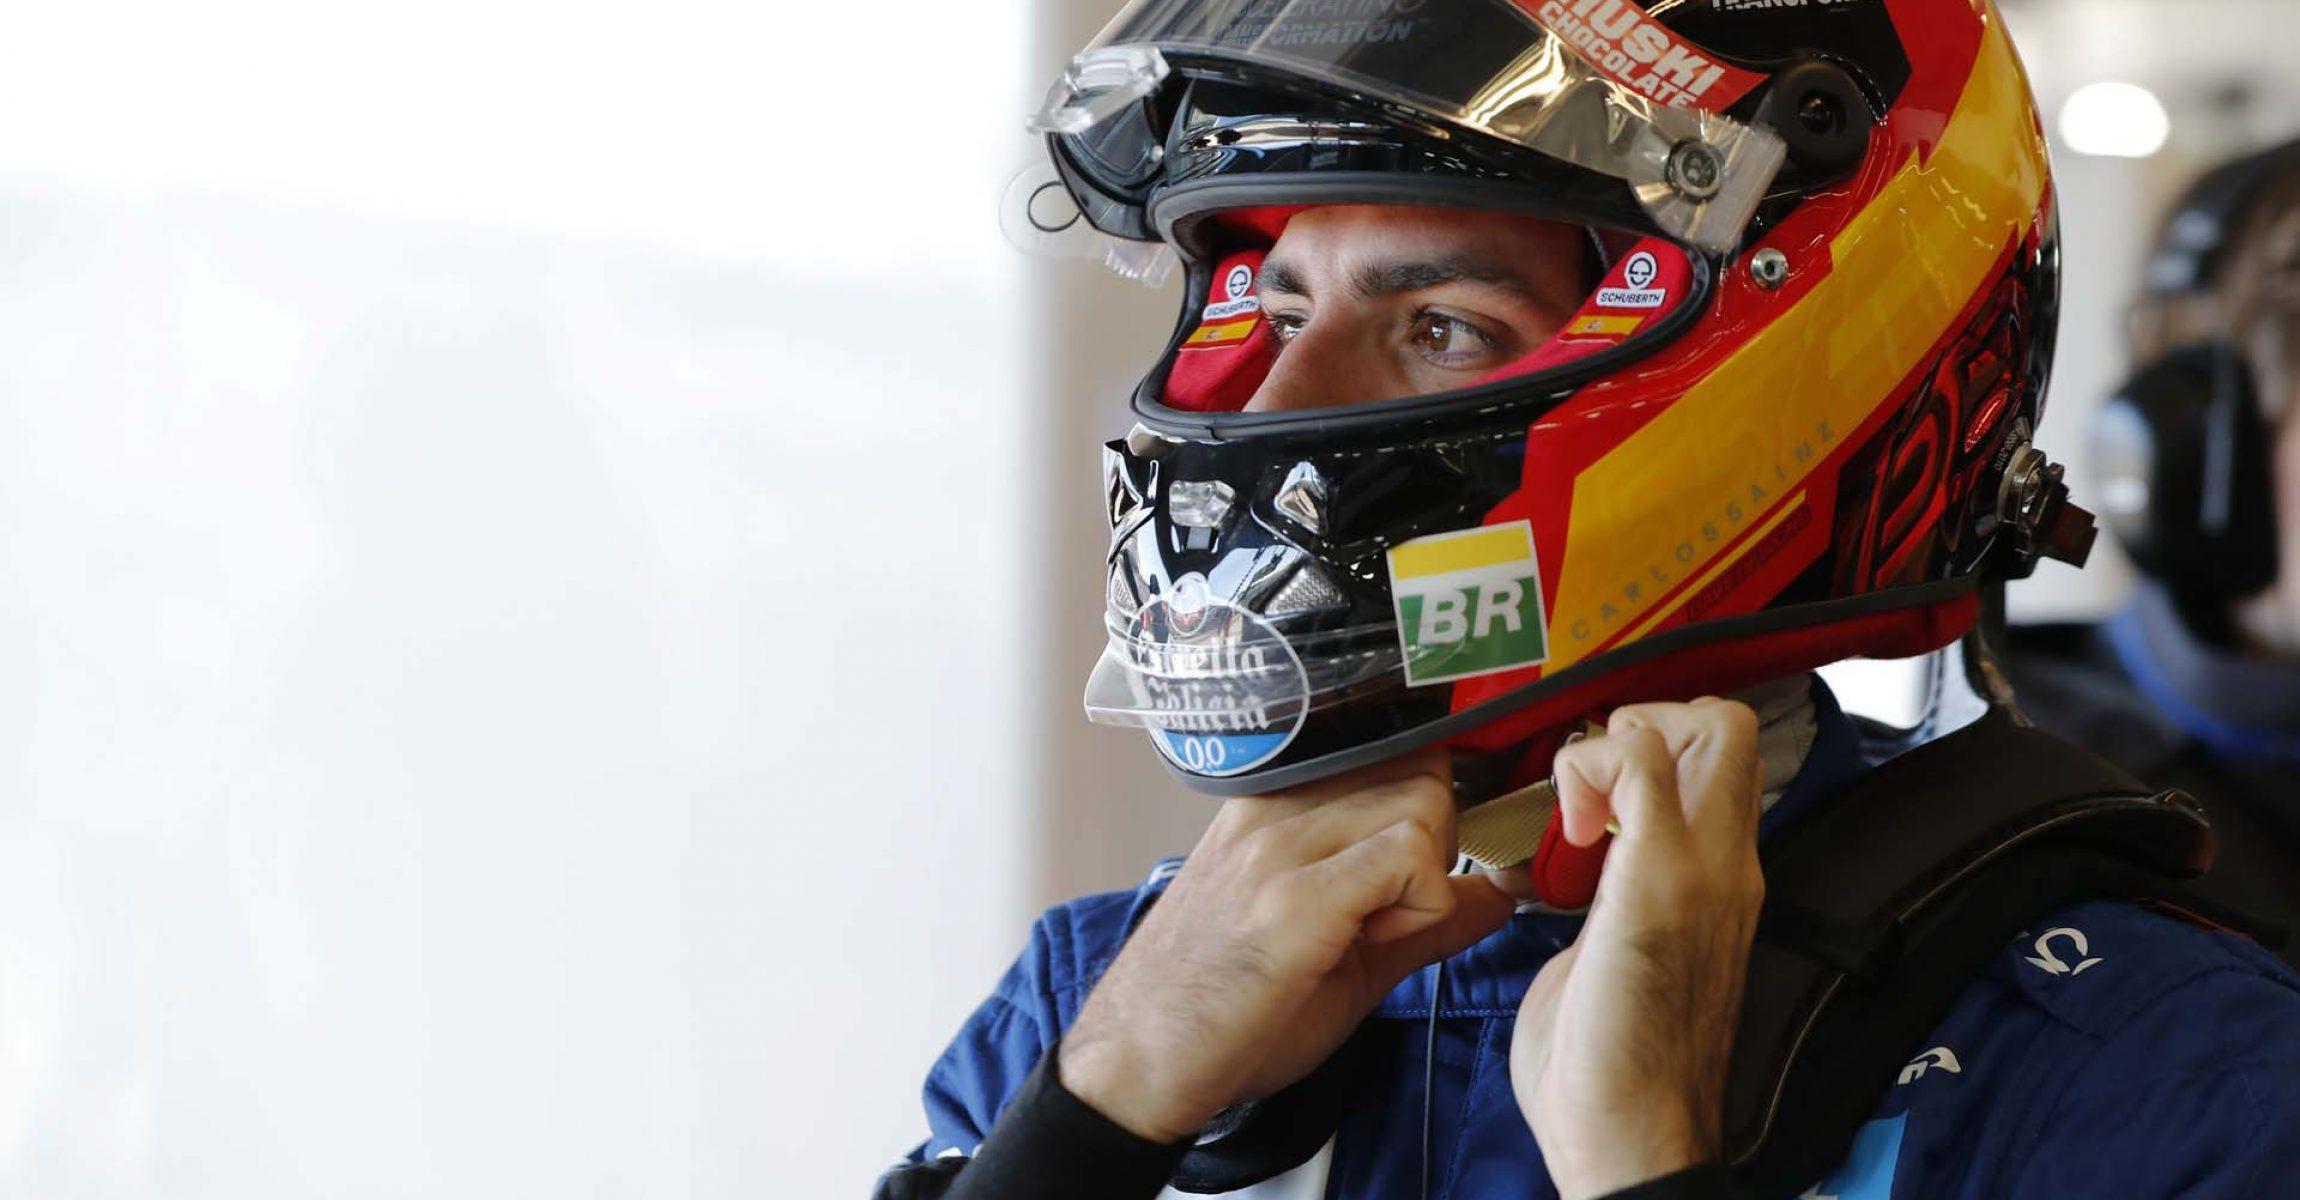 Carlos Sainz, McLaren MCL34, puts on his helmet